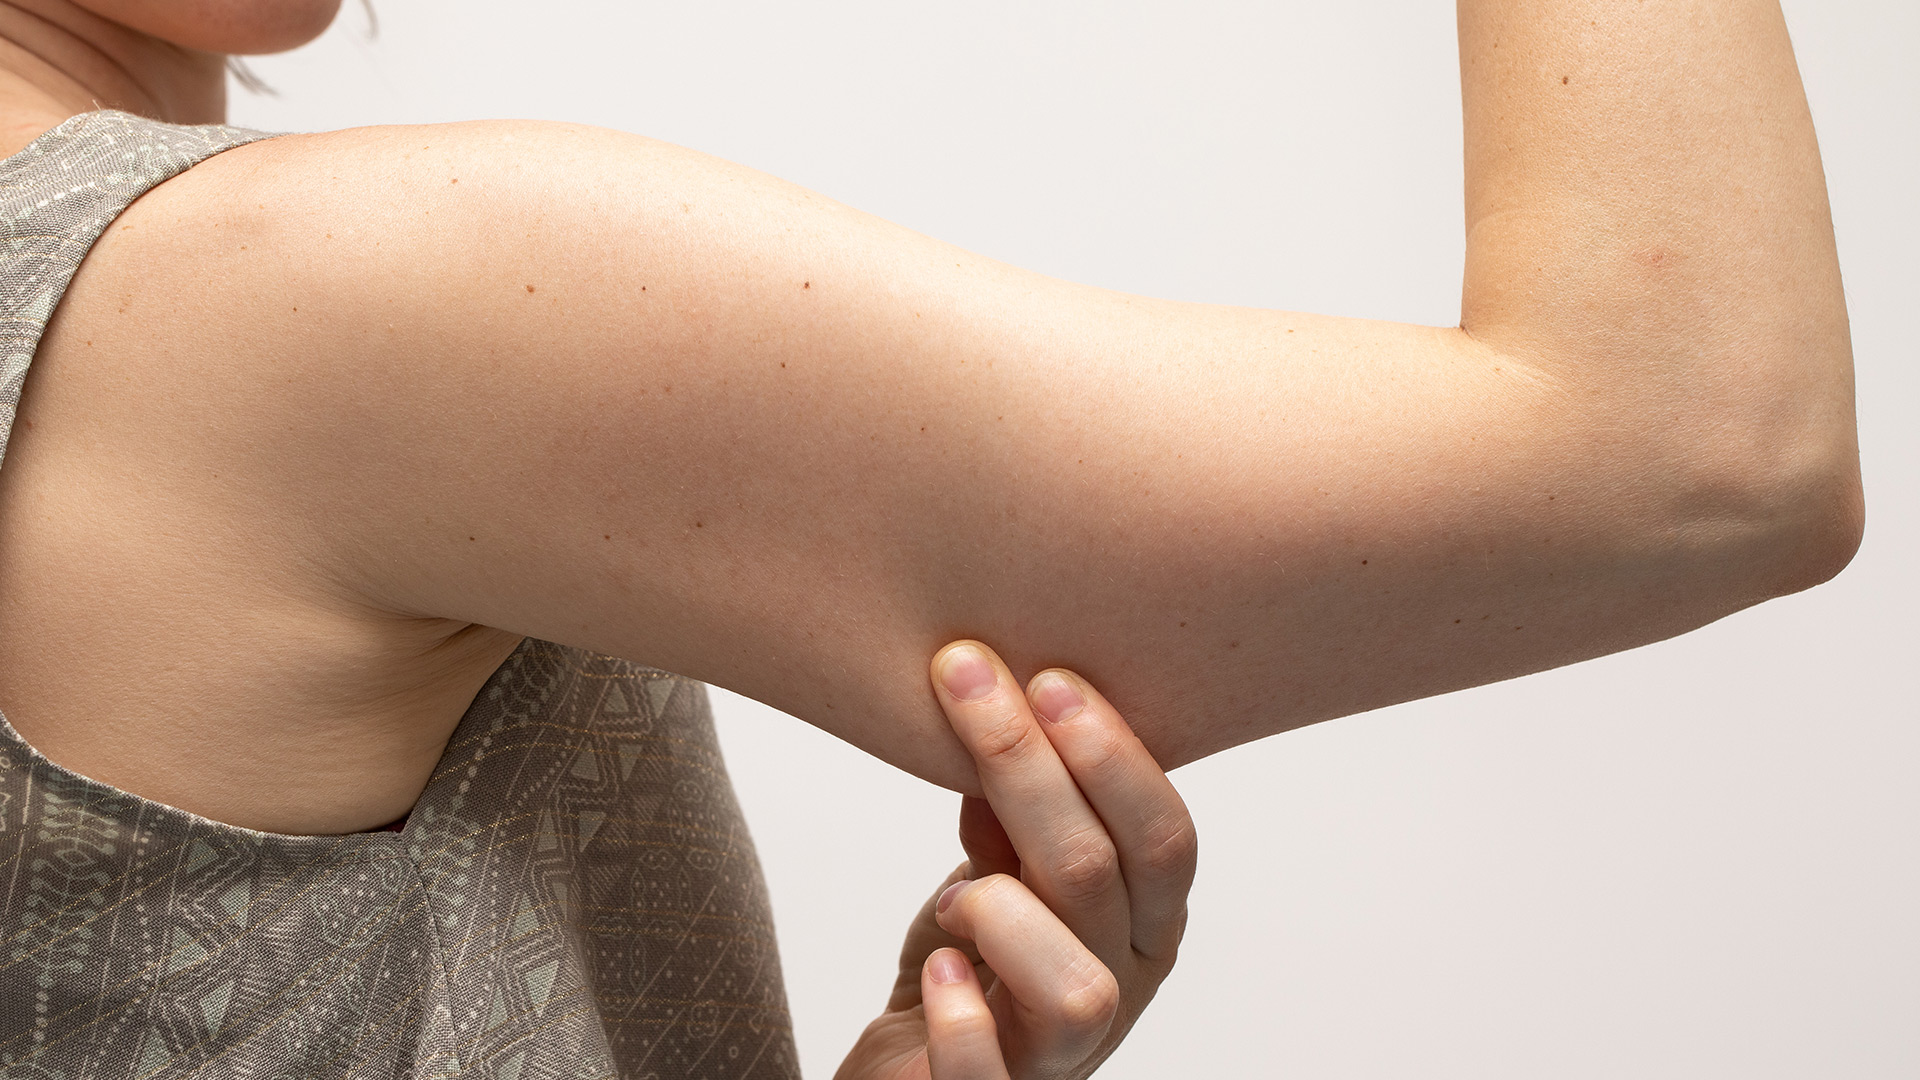 Recuperare tonicità: i rimedi per rassodare le braccia flaccide.